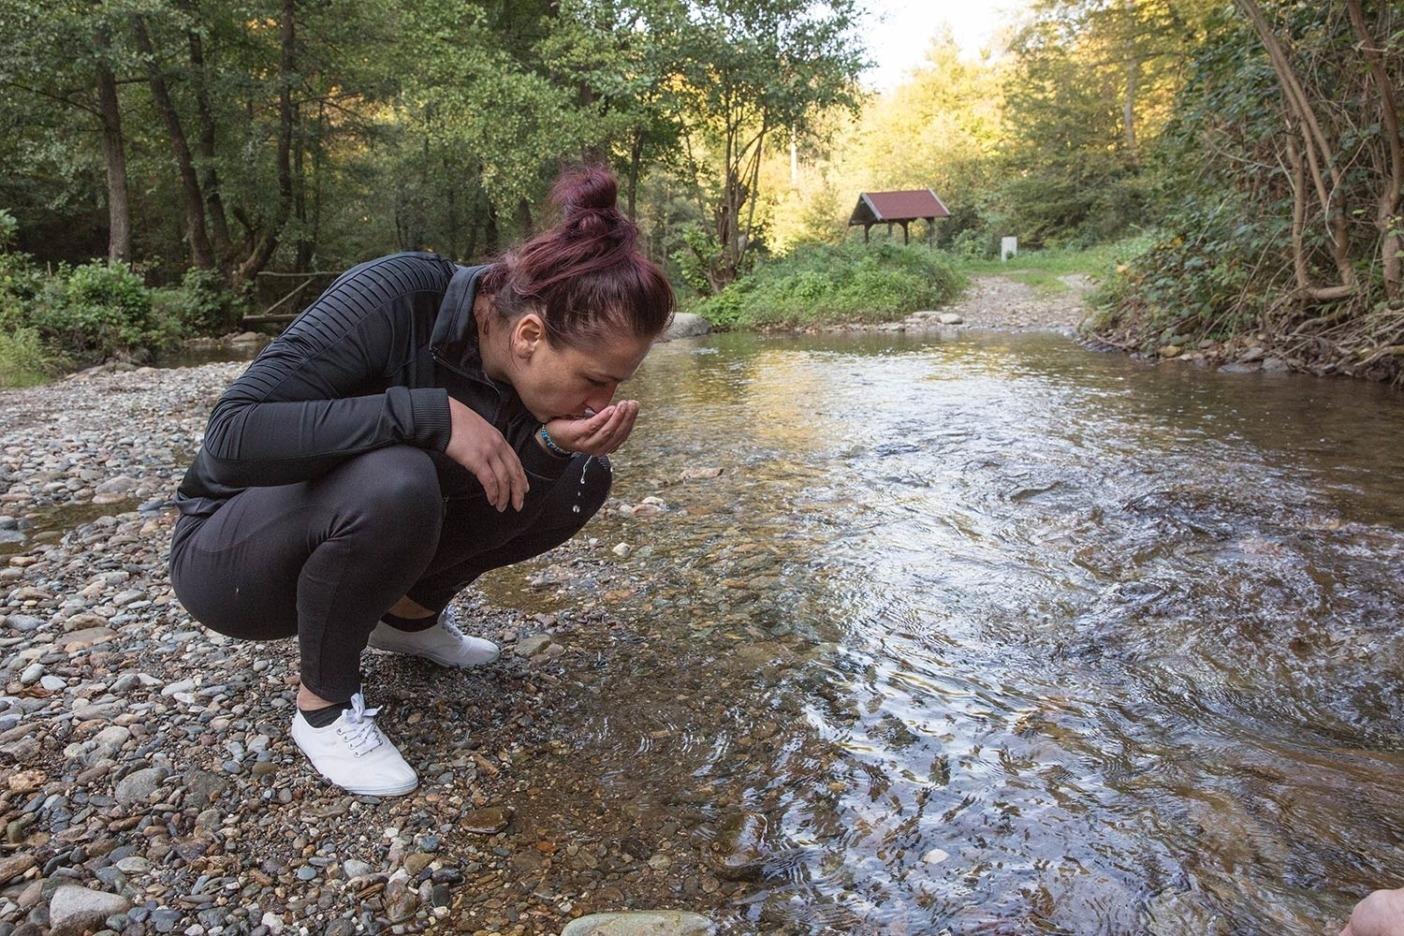 クルシュチツァ川の水を飲むことをみずから勧めるネリナ・アフミツ。分水ダム建設をめぐる闘いにおいて、もしサラエヴォの電力会社ヒグラコンが勝利を収めれば、彼女や他の地元民は この淡水源を失うことになる。Photo:Andrew Burr